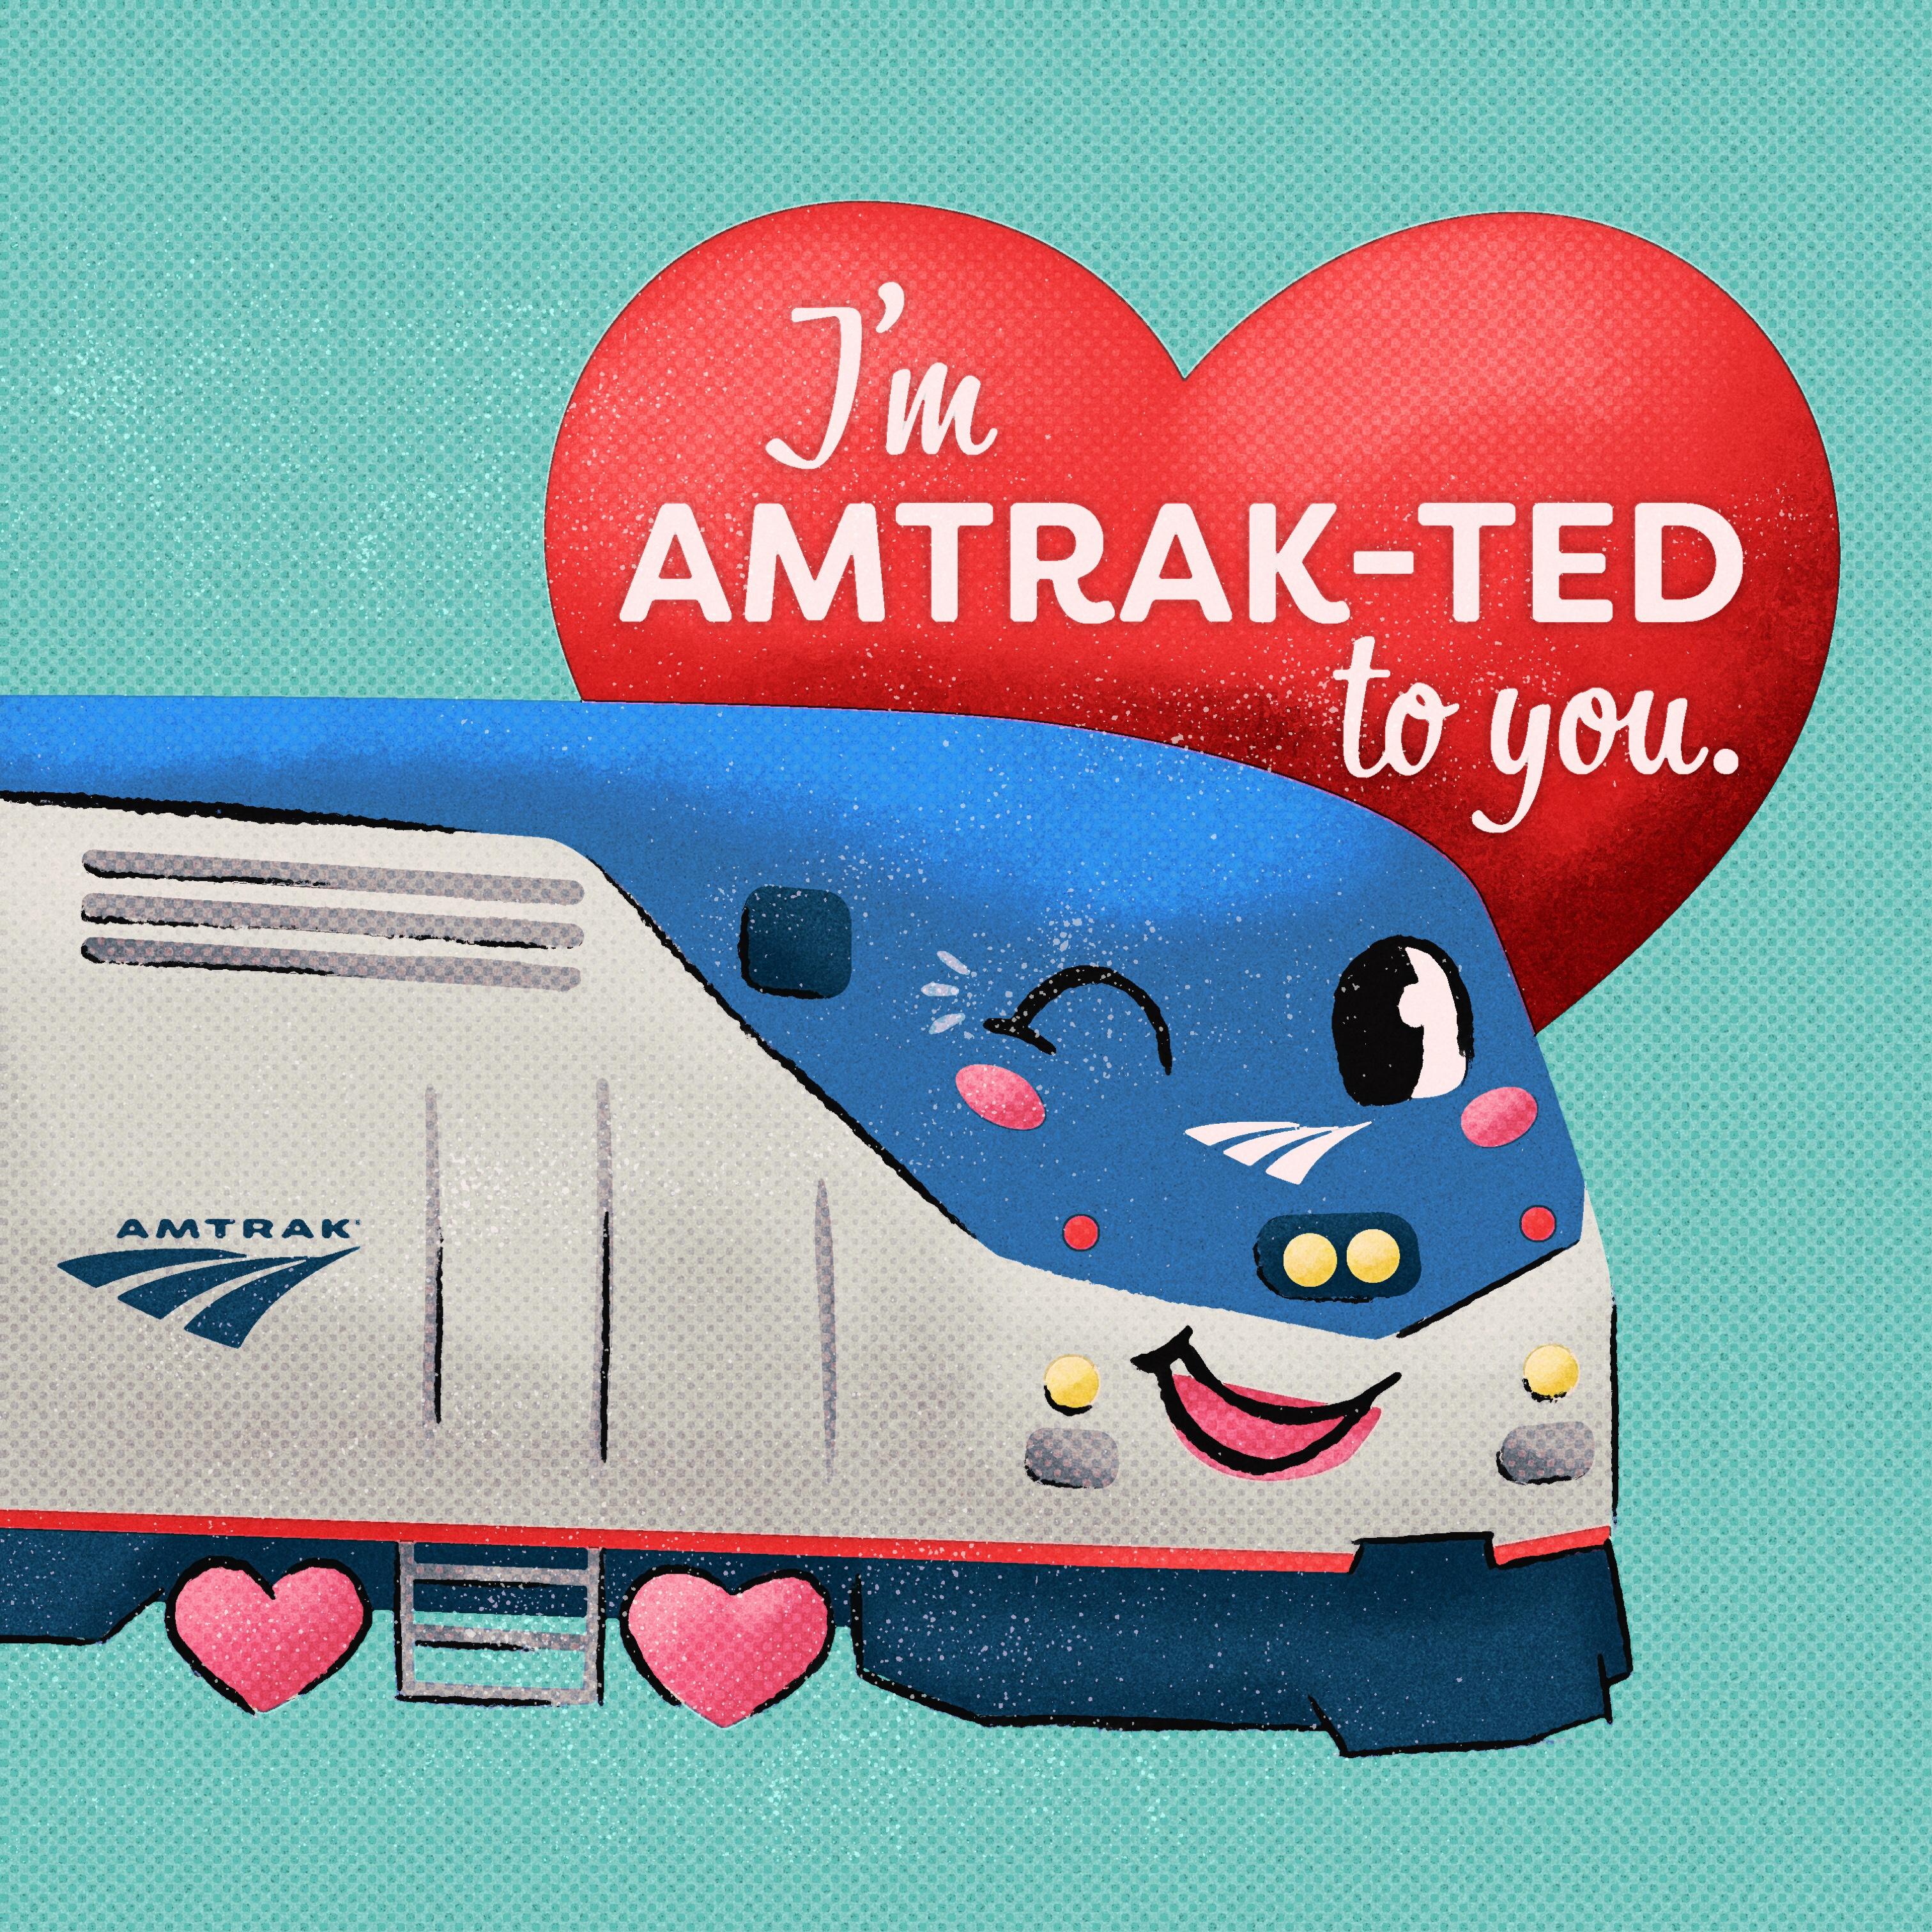 Amtrak Archives 360 MAGAZINE | ART + MUSIC + DESIGN +